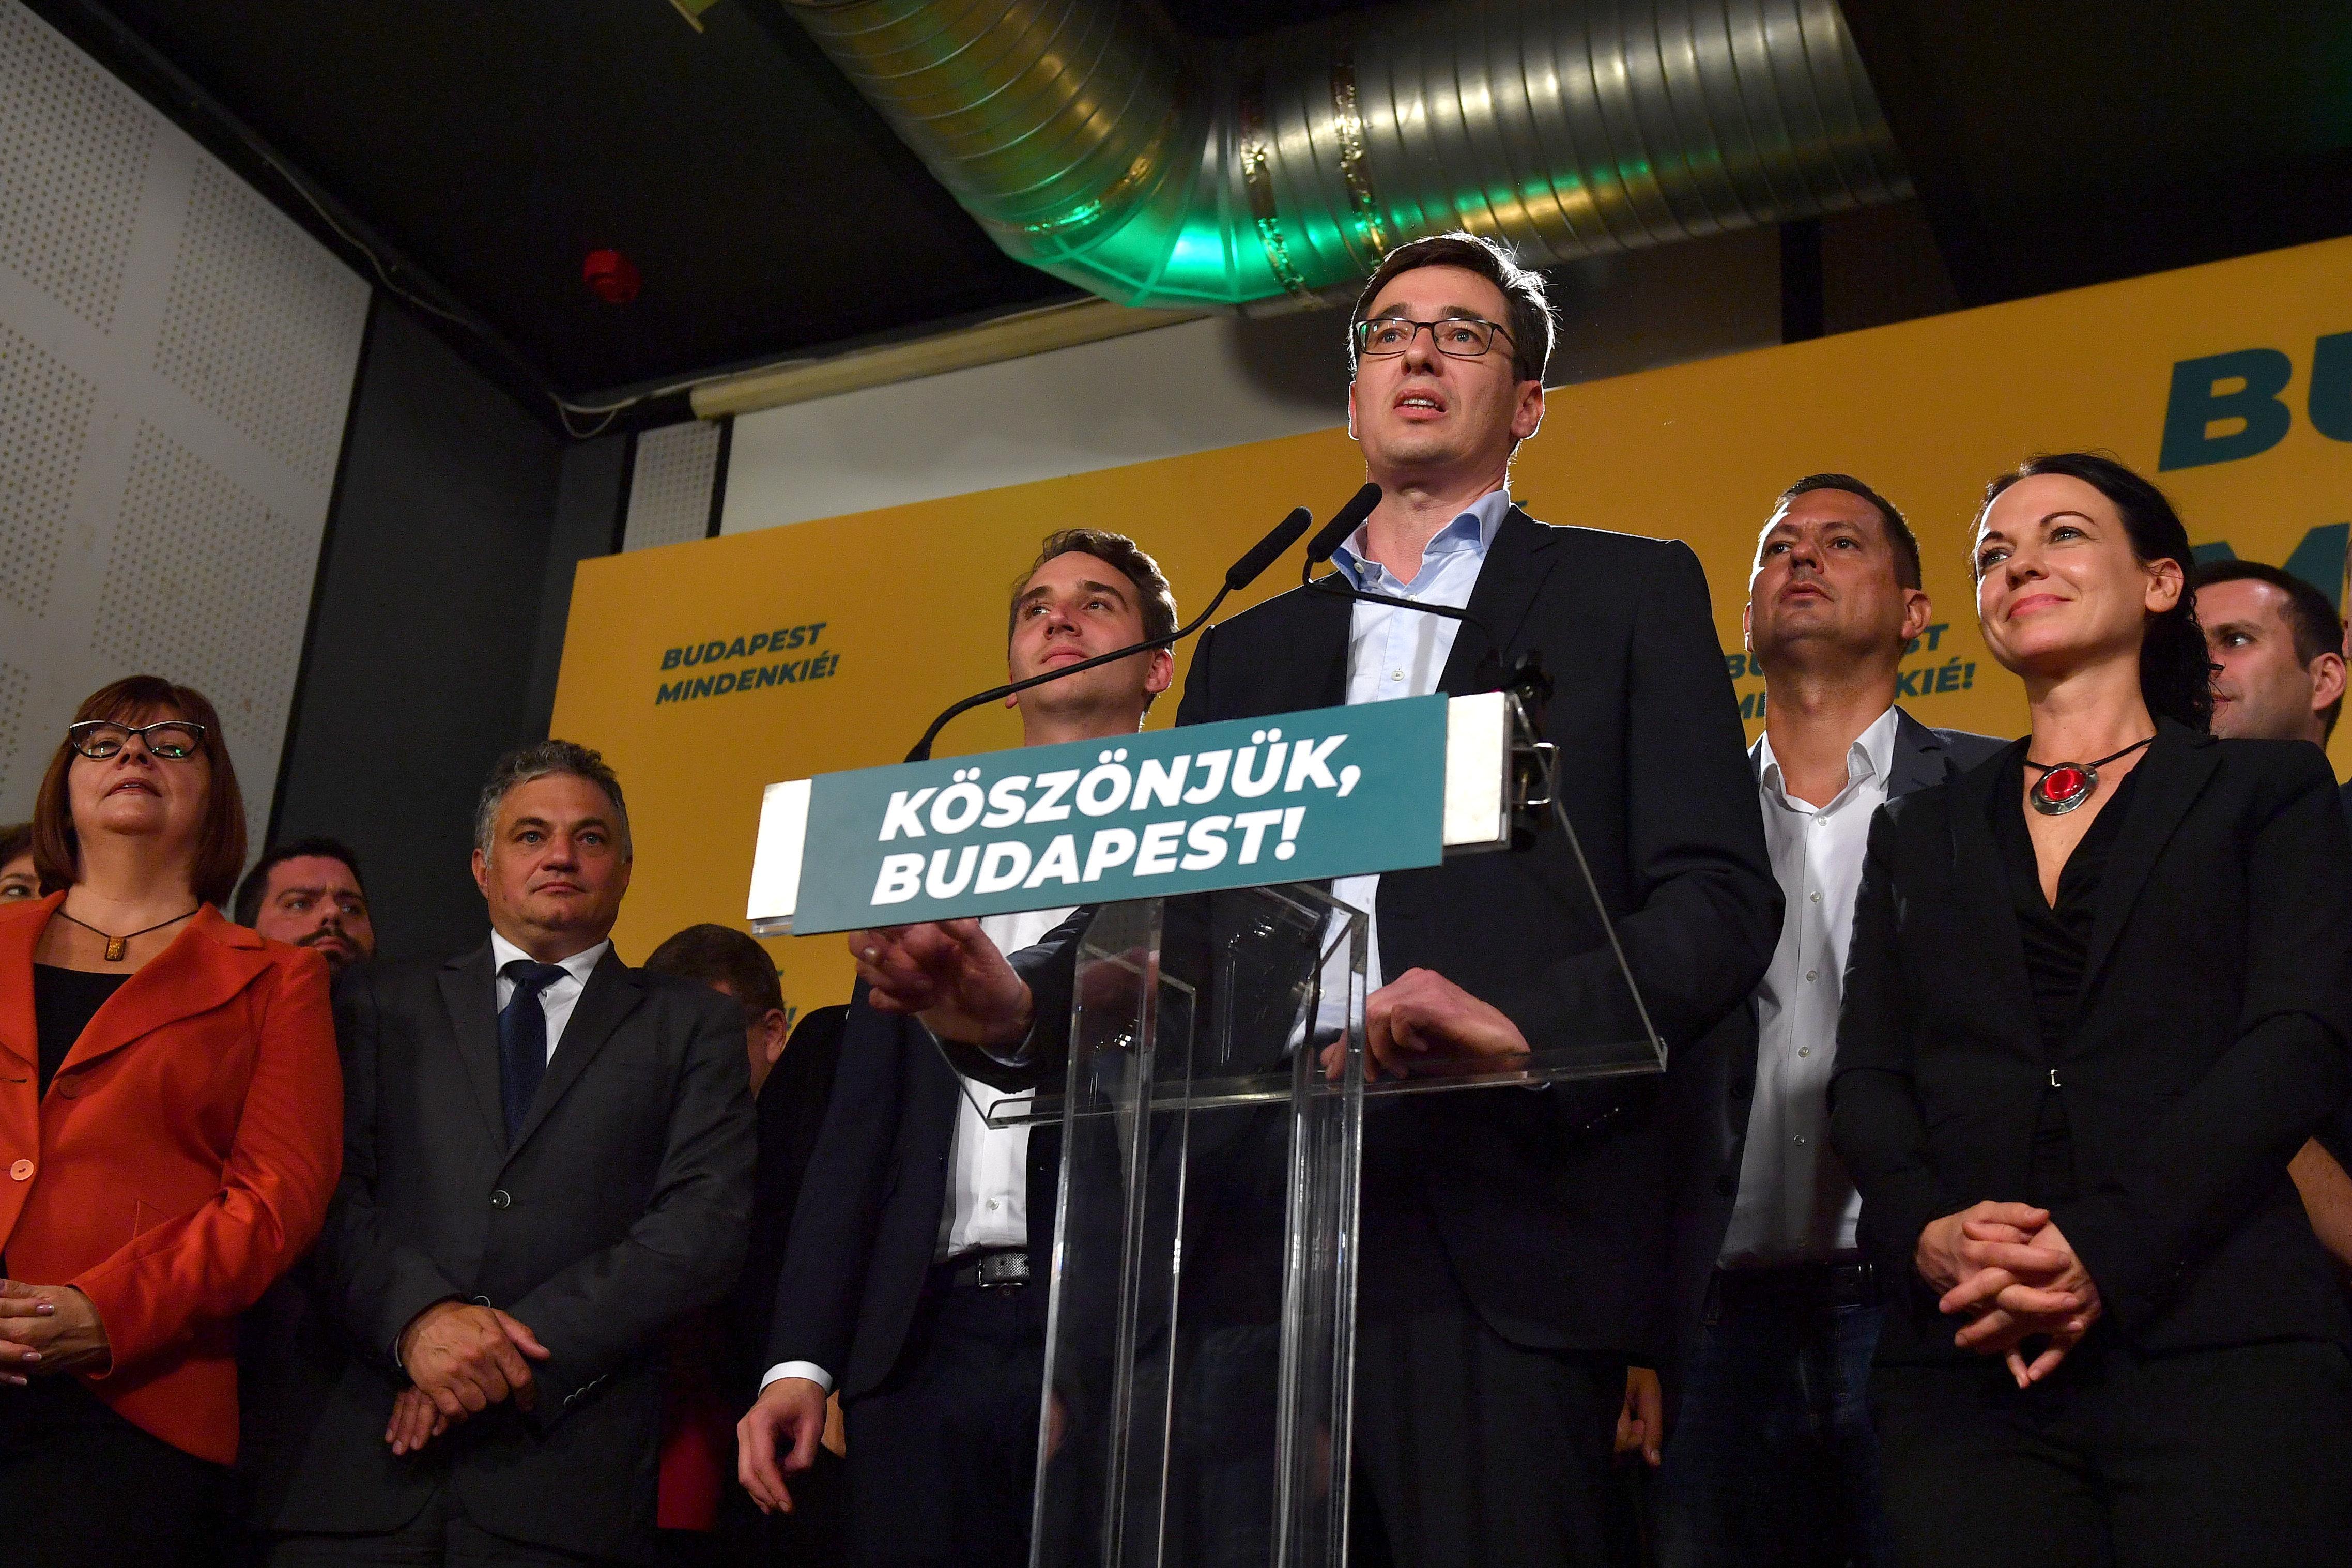 Reményt, de nem megoldást adott az ellenzéki összefogás